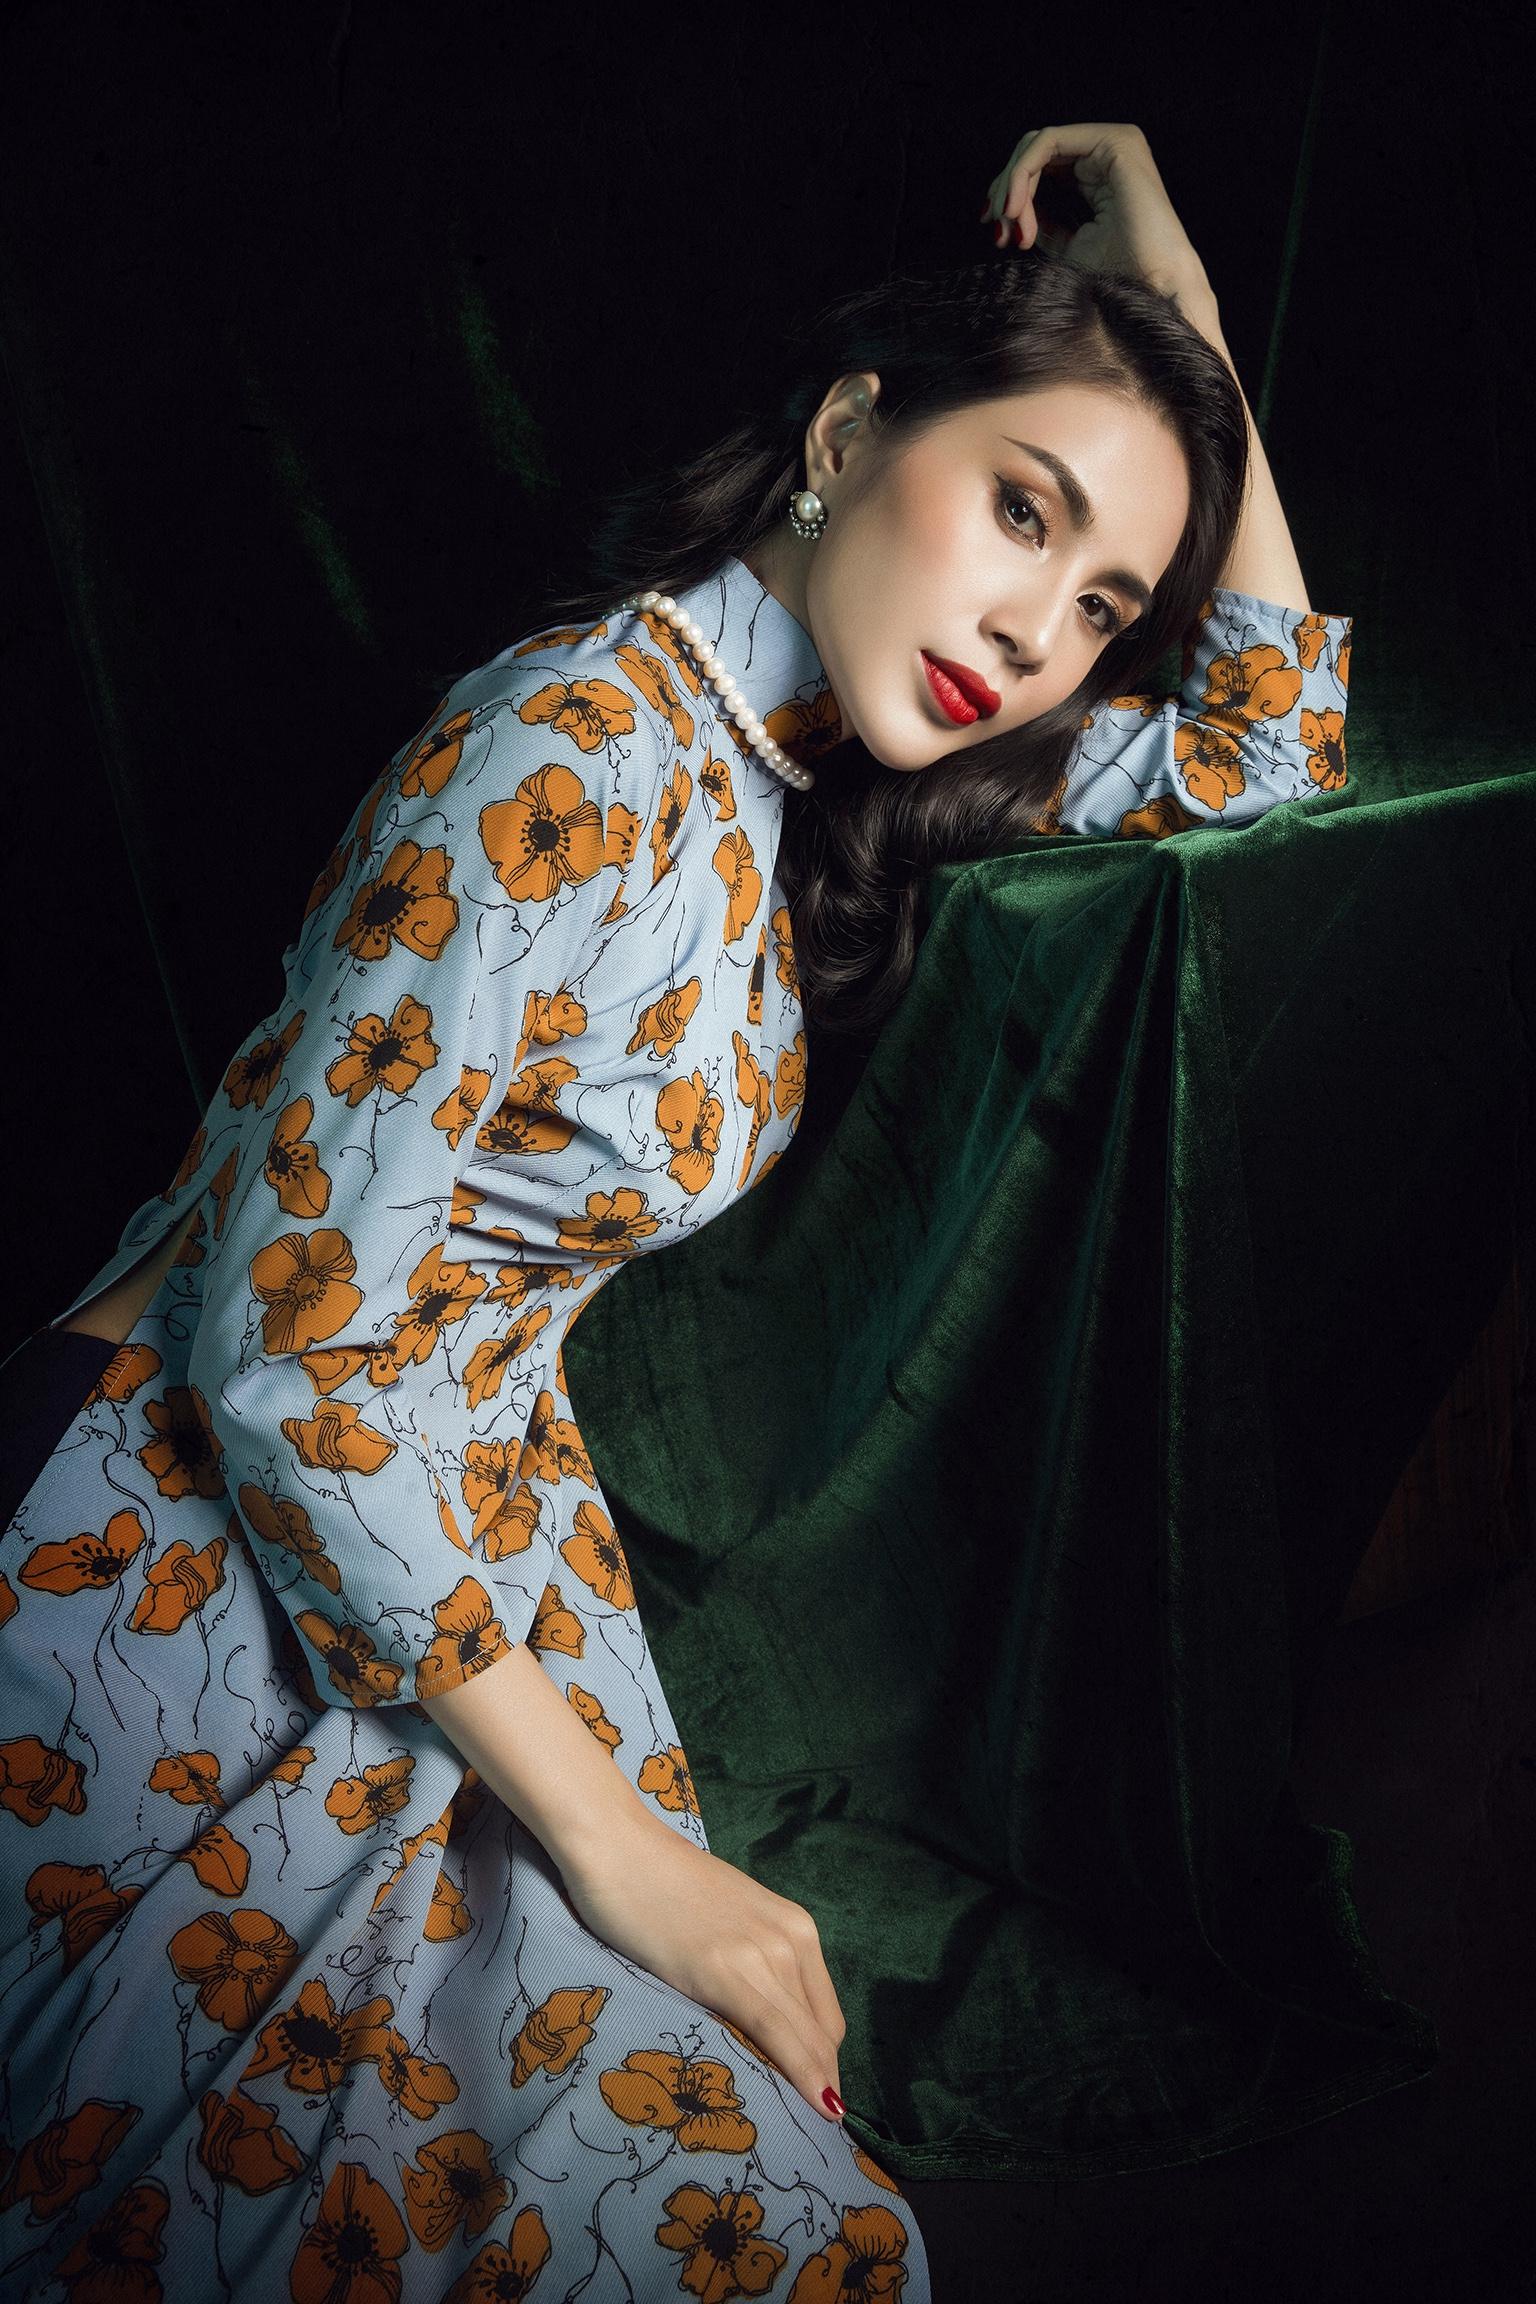 Thuỷ Tiên tái hiện hình tượng quý cô Đông Dương đầy mê hoặc trong bộ ảnh quảng bá album Bolero